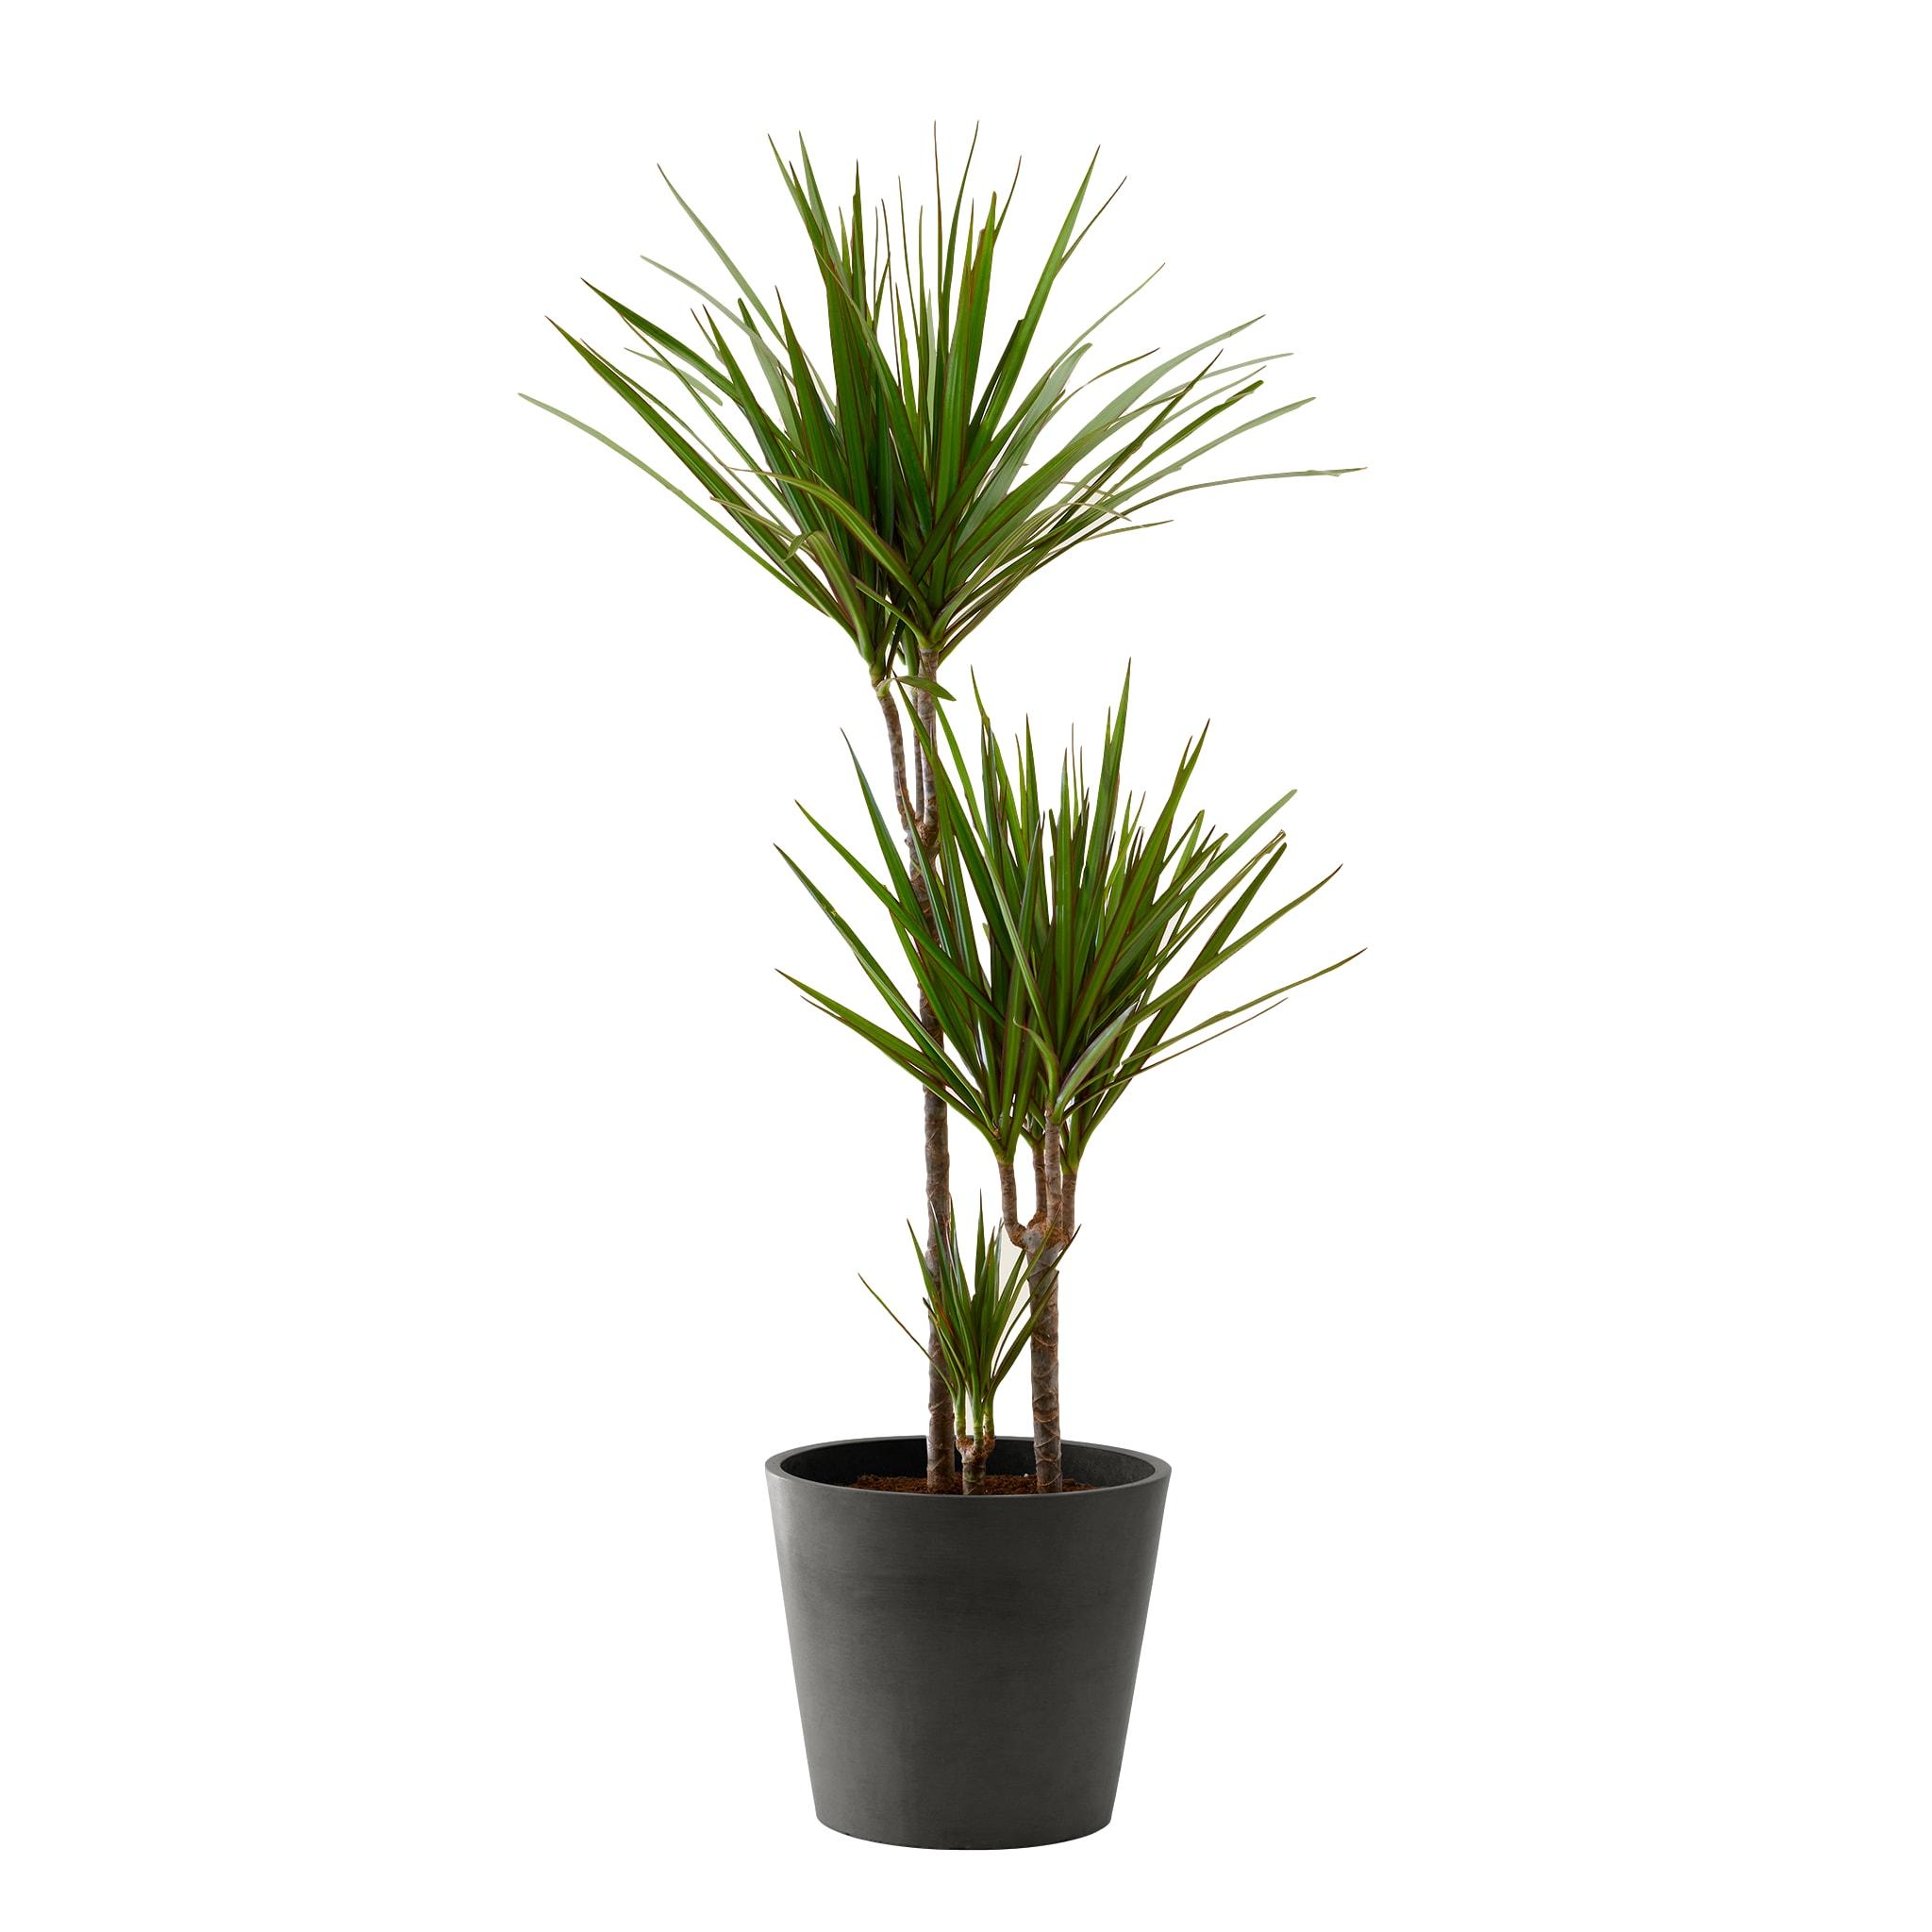 Plante d'intérieur - Dracaena 125 cm en pot noir